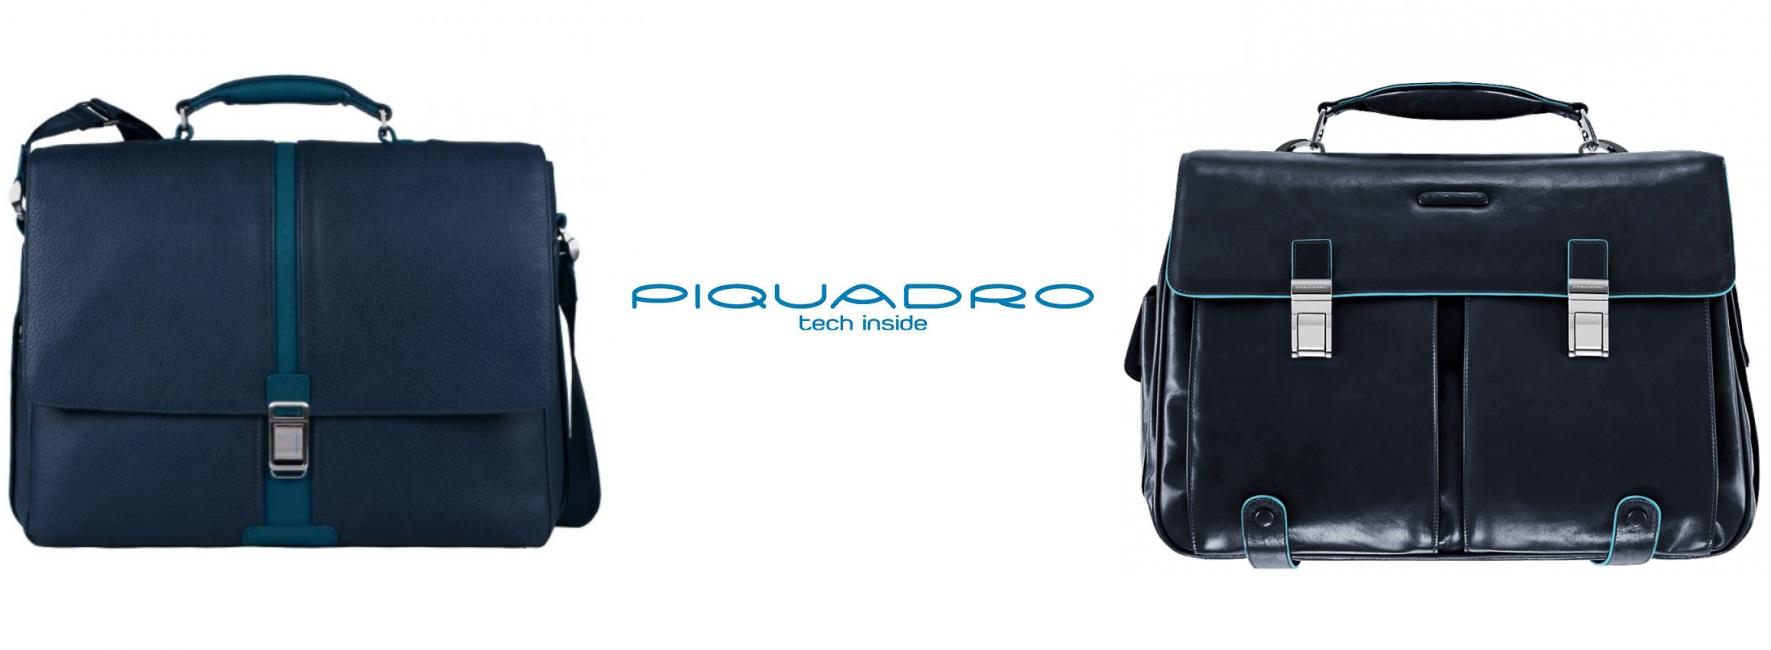 Cartelle Piquadro  per professionisti di successo 5ad0f348409